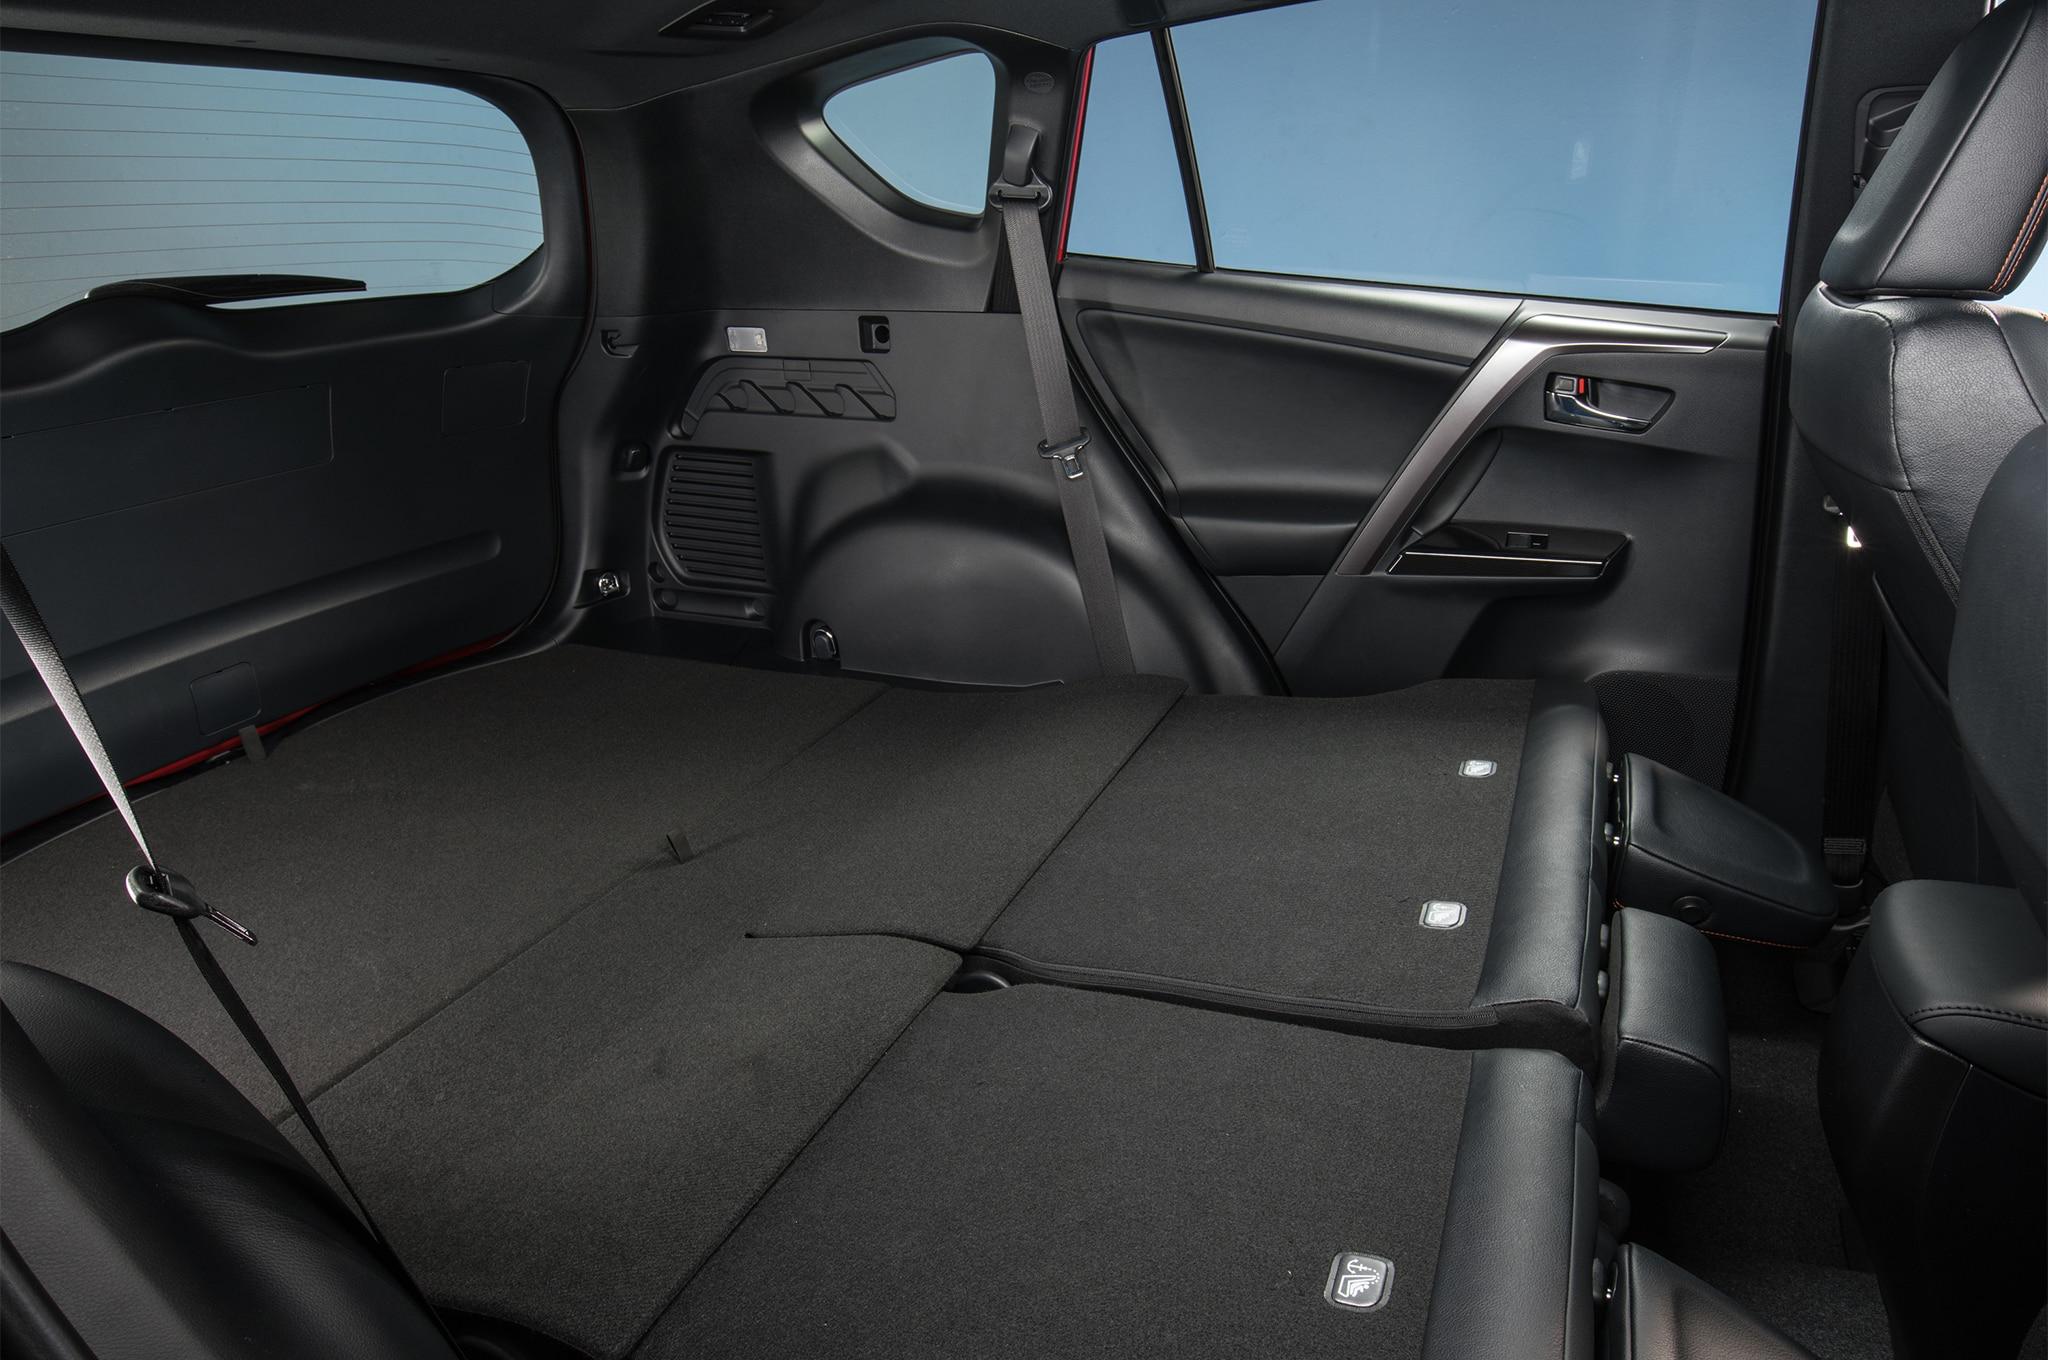 2017 Toyota RAV4 SE seats folded down - Motor Trend en Español